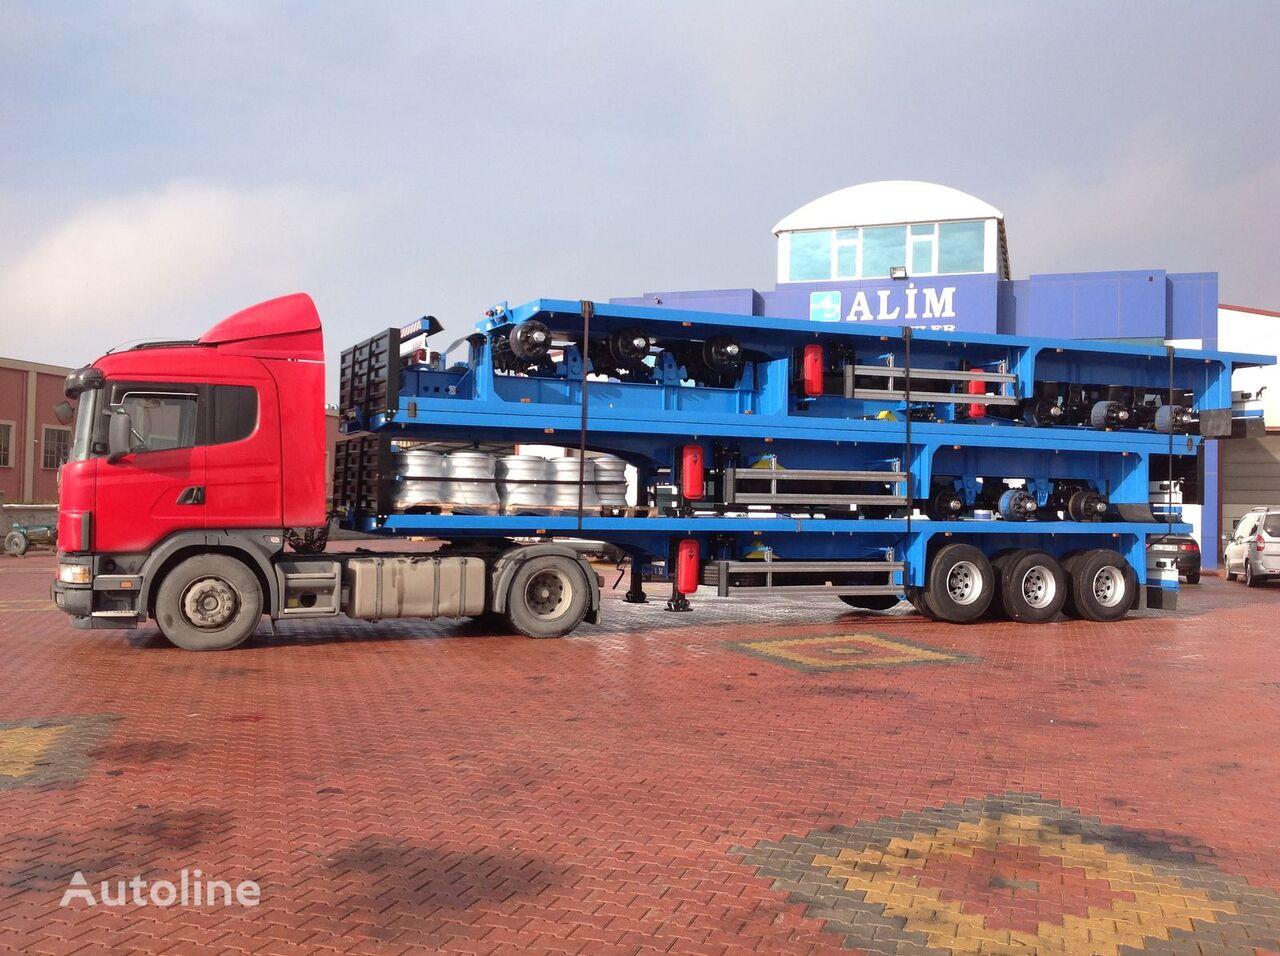 ALİM DORSE 2021 Model Flatbed Trailer for Container and Pipe Transport semirremolque plataforma nuevo